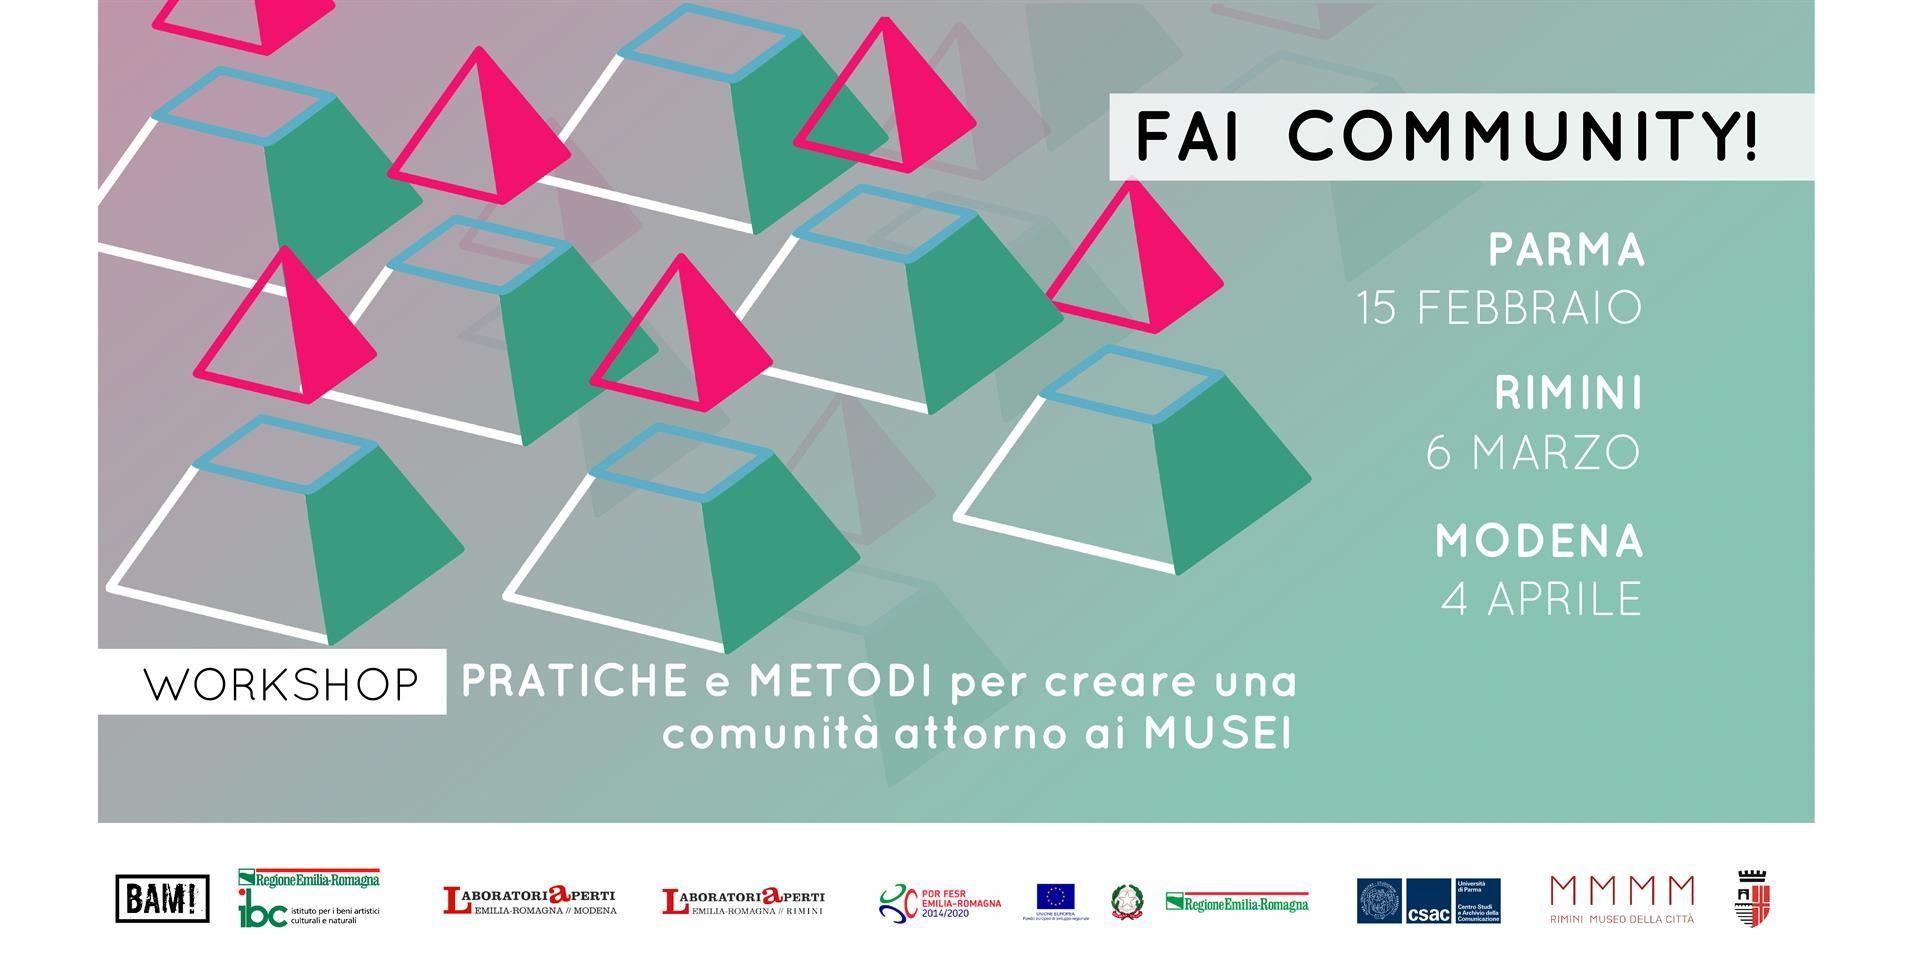 Fai community!  Il primo workshop verso Museomix 2019 allo CSAC